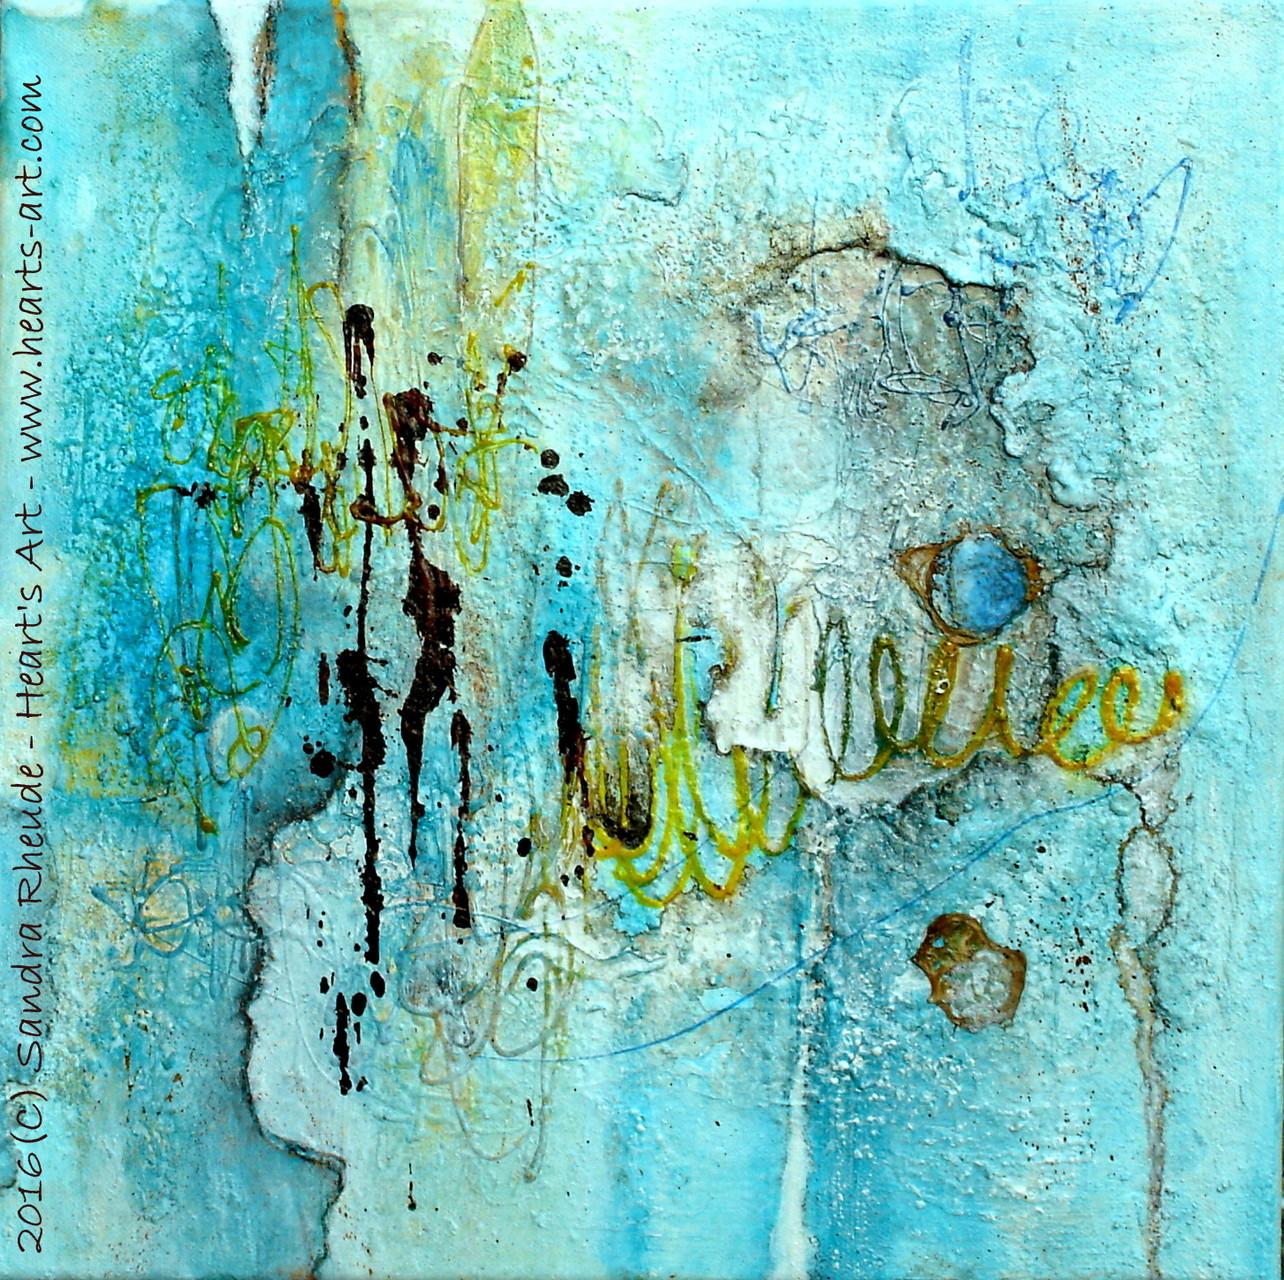 'Leichtigkeit' - 2016/01 - Acryl/MixedMedia auf Leinwand - 40 x 40 cm - € 180